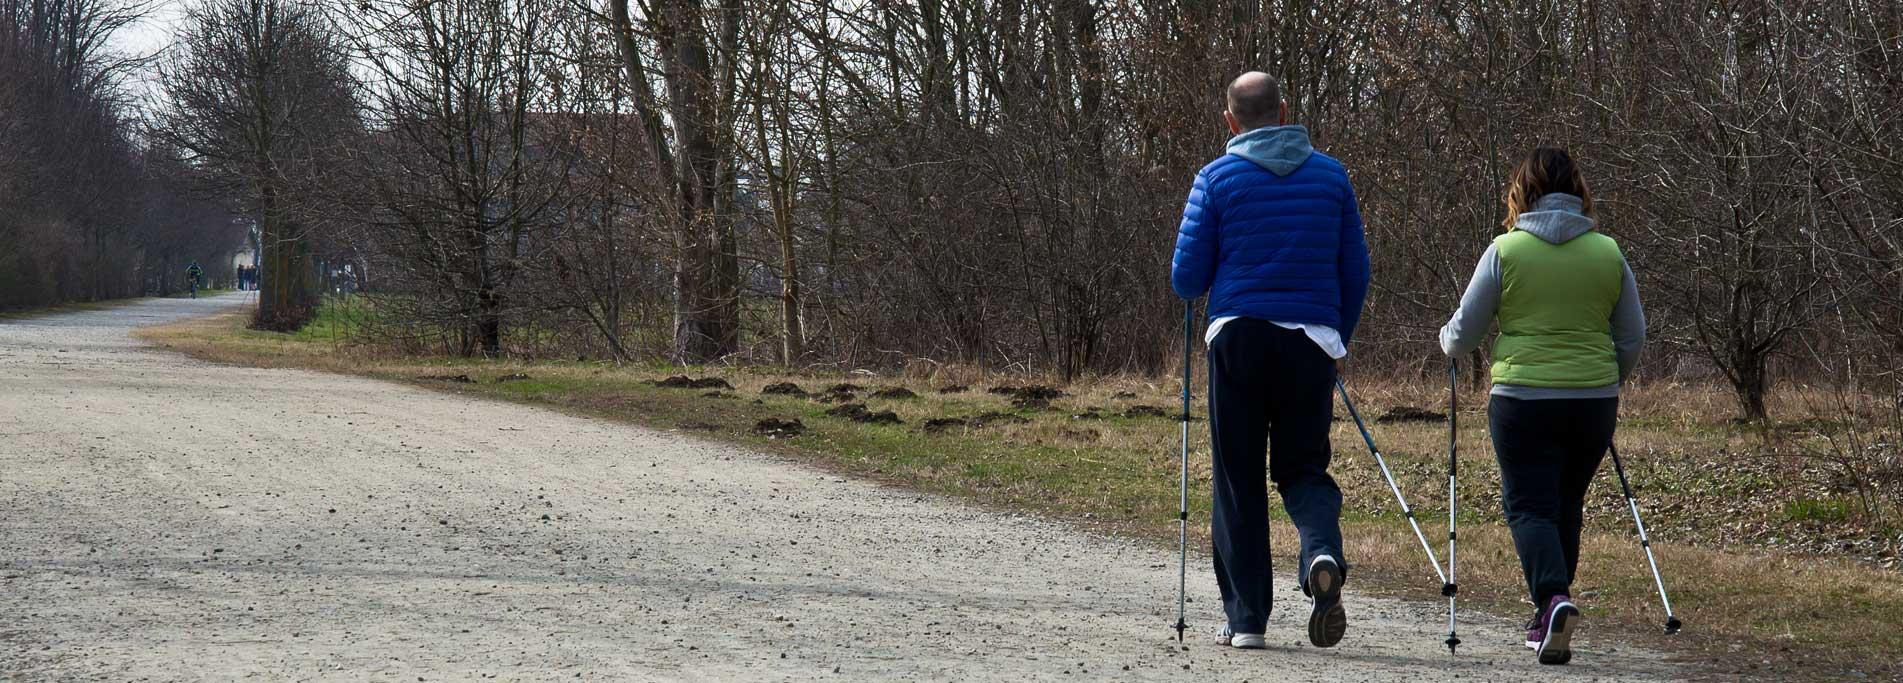 Corso base di camminata nordica